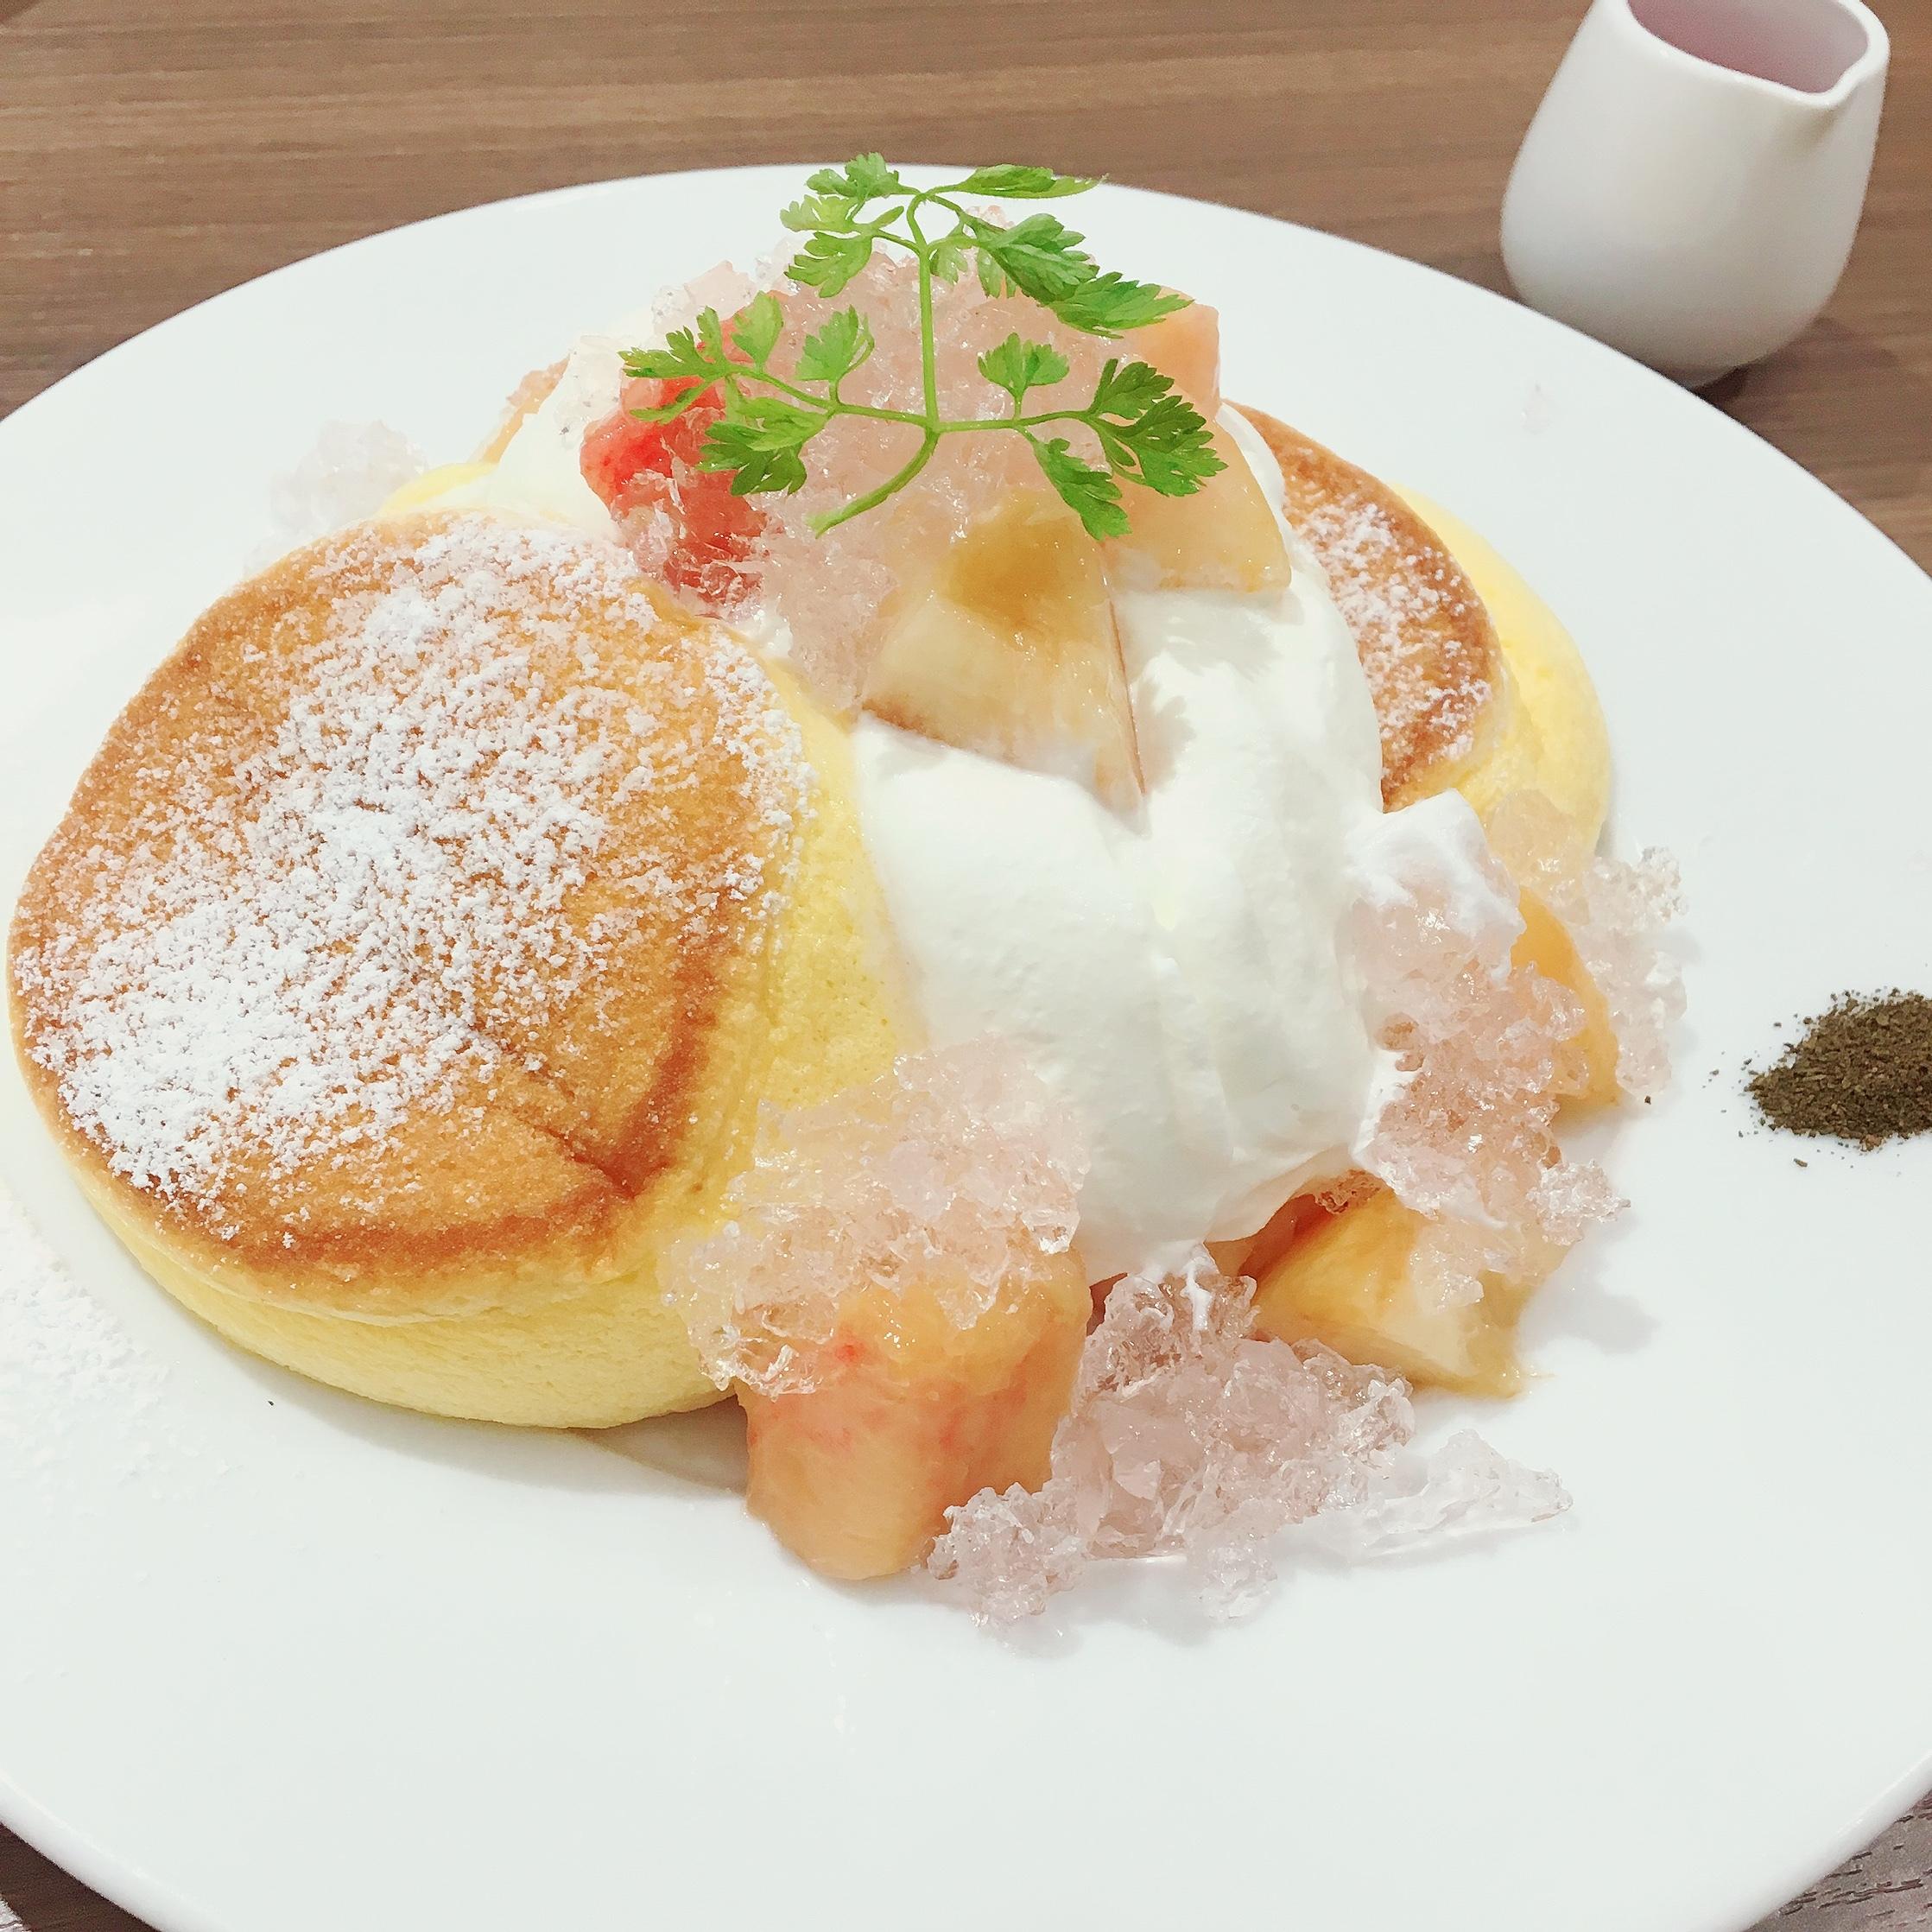 【幸せのパンケーキ】期間限定!国産白桃のローズヒップピーチパンケーキ♡_1_2